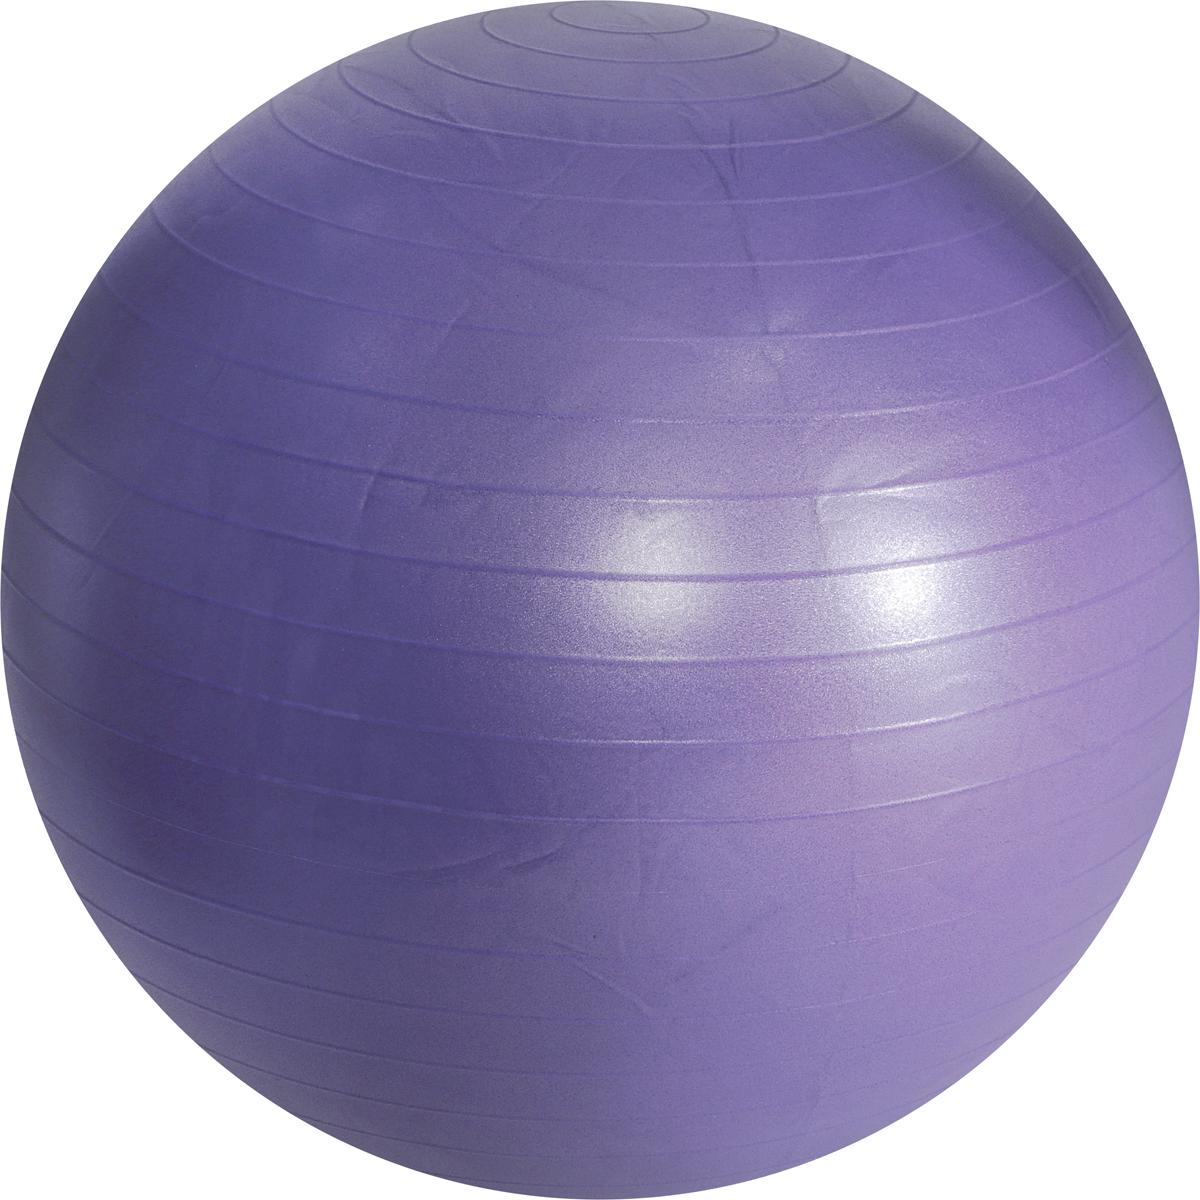 Мяч гимнастический Indigo Anti-burst, с насосом, диаметр 65 см цена